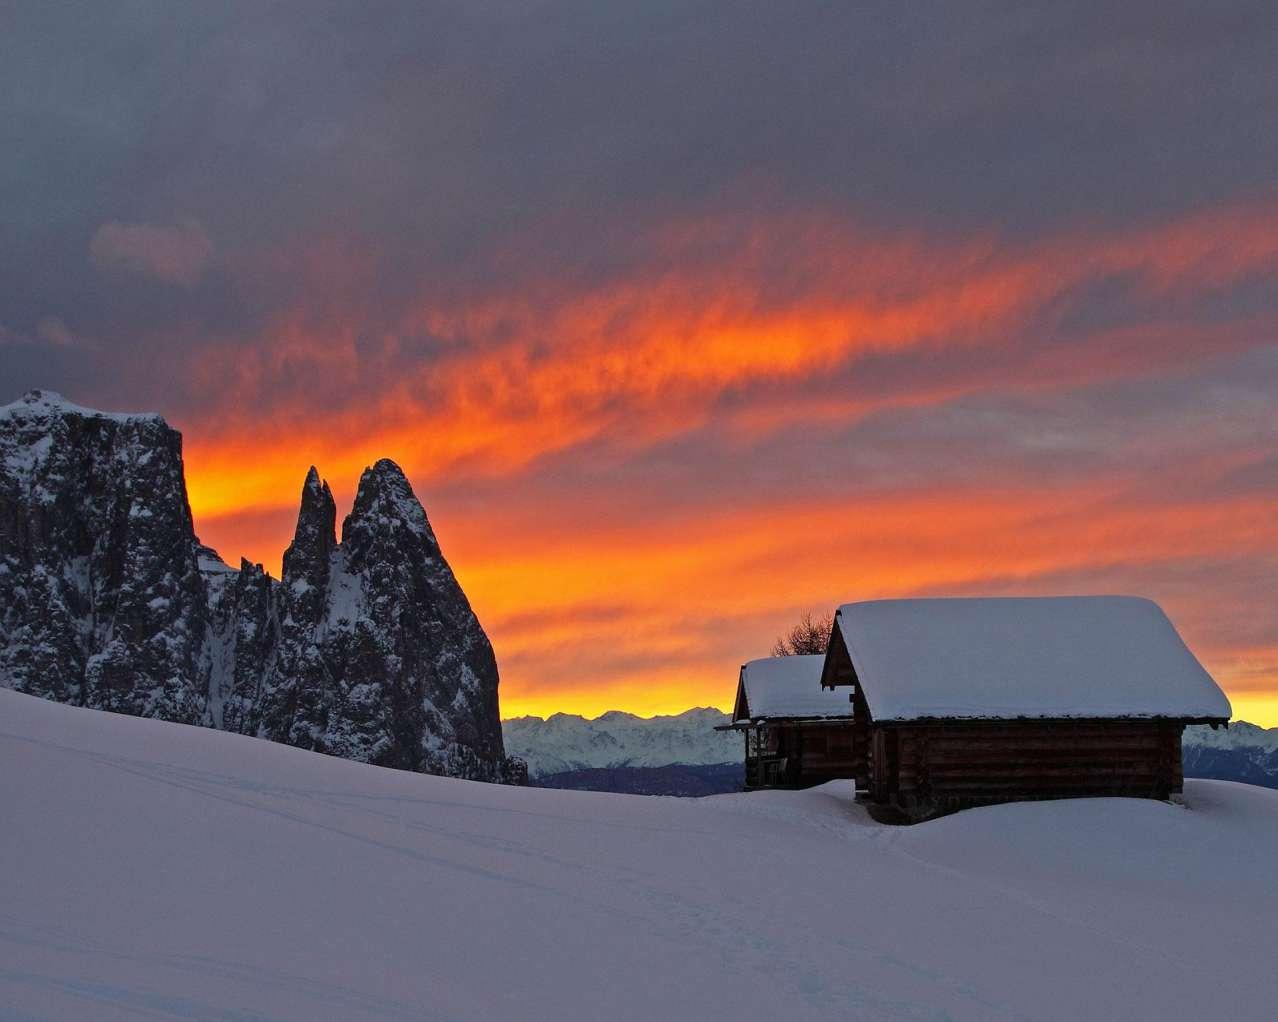 Горнолыжный курорт Alpe di Siusi (Seiser Alm) 7